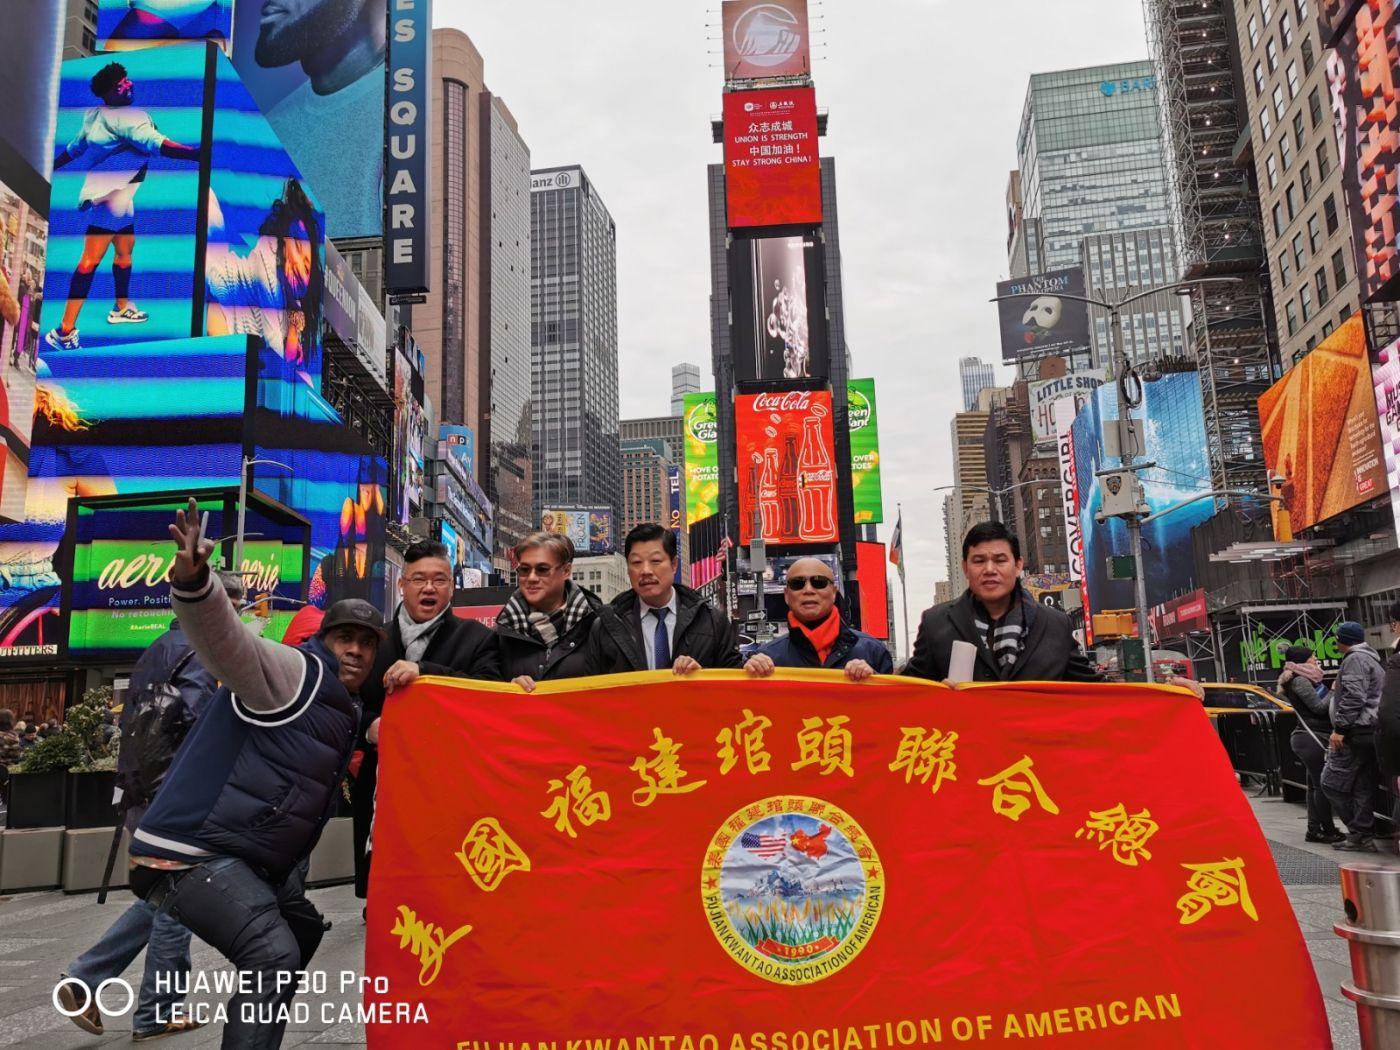 """纽约闽籍侨团时报广场""""中国加油""""为国人鼓劲_图1-28"""